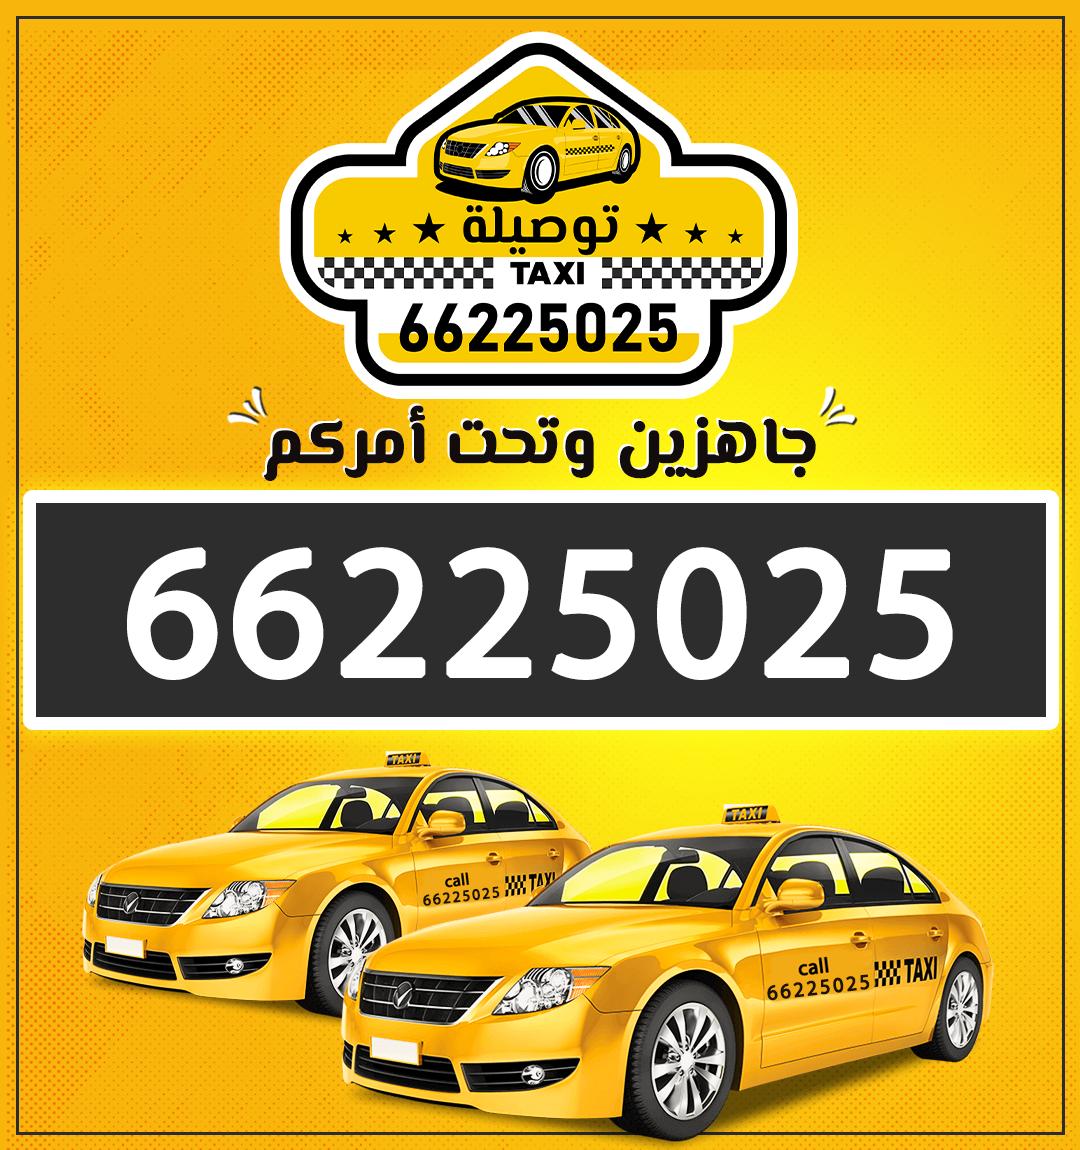 تاكسي توصيلة في شارع جابر المبارك